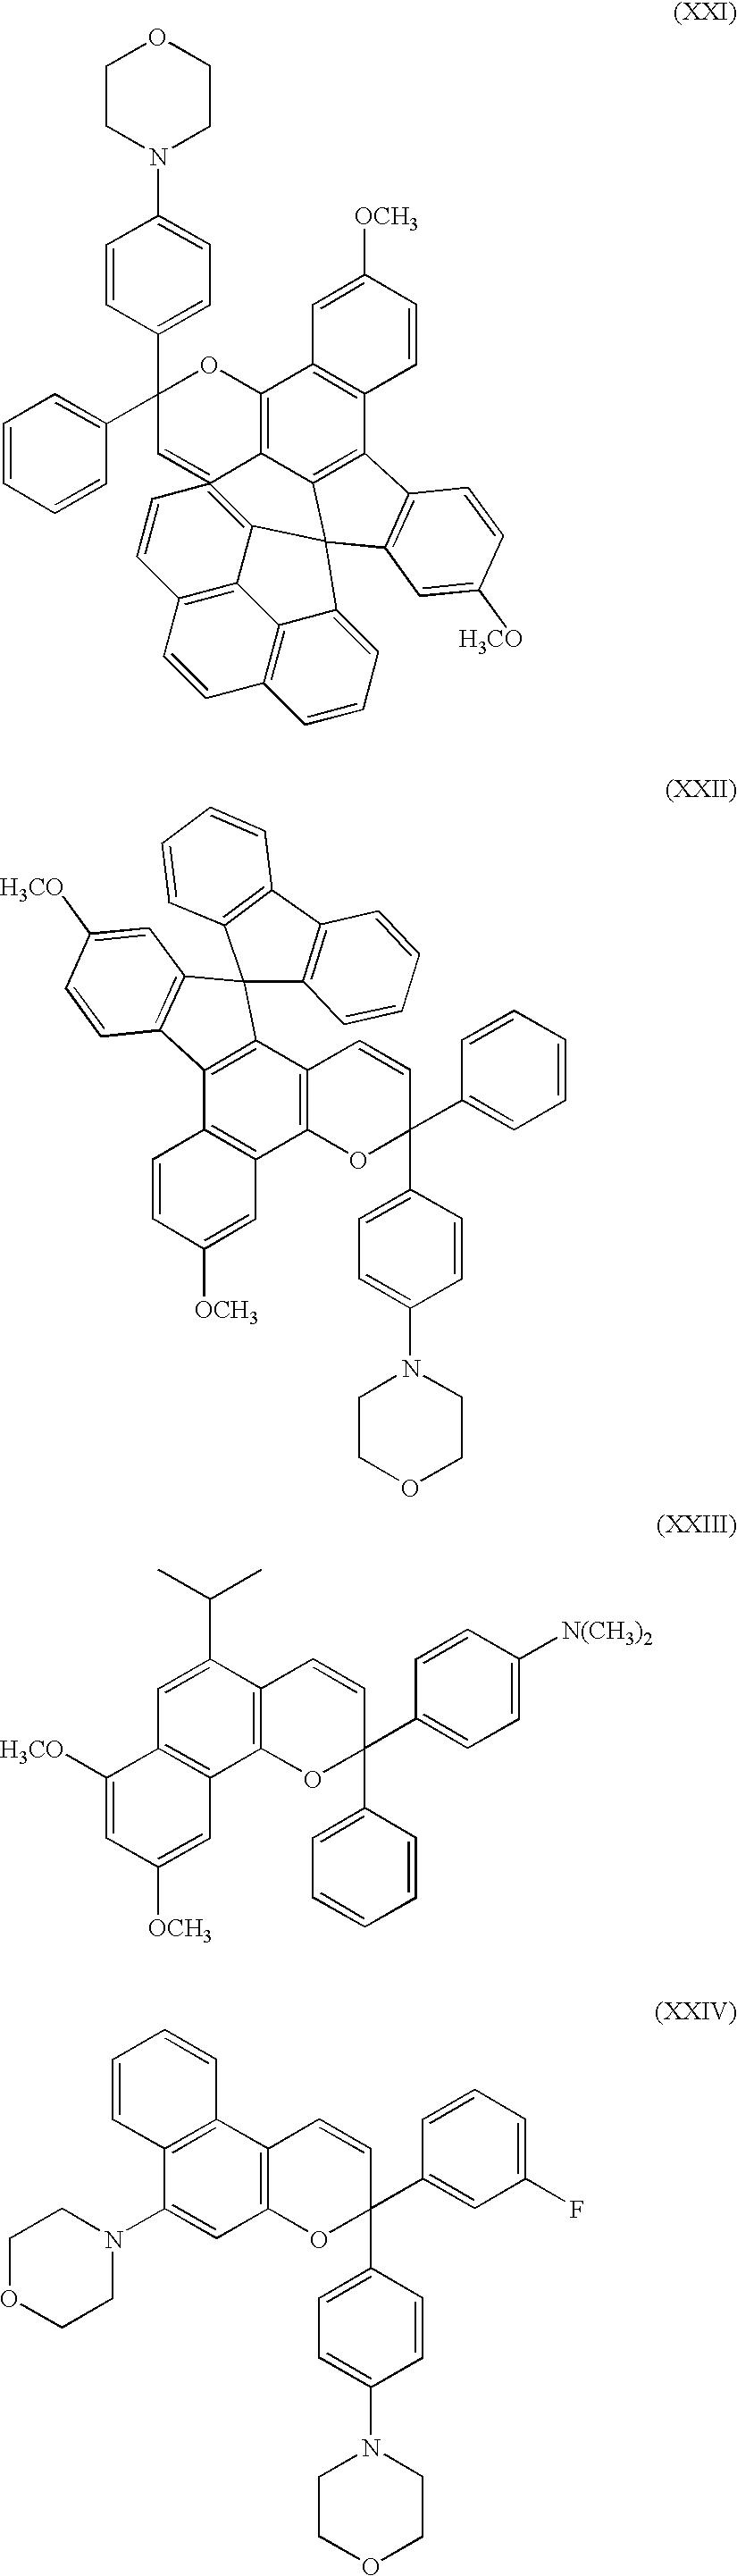 Figure US20030008958A1-20030109-C00031